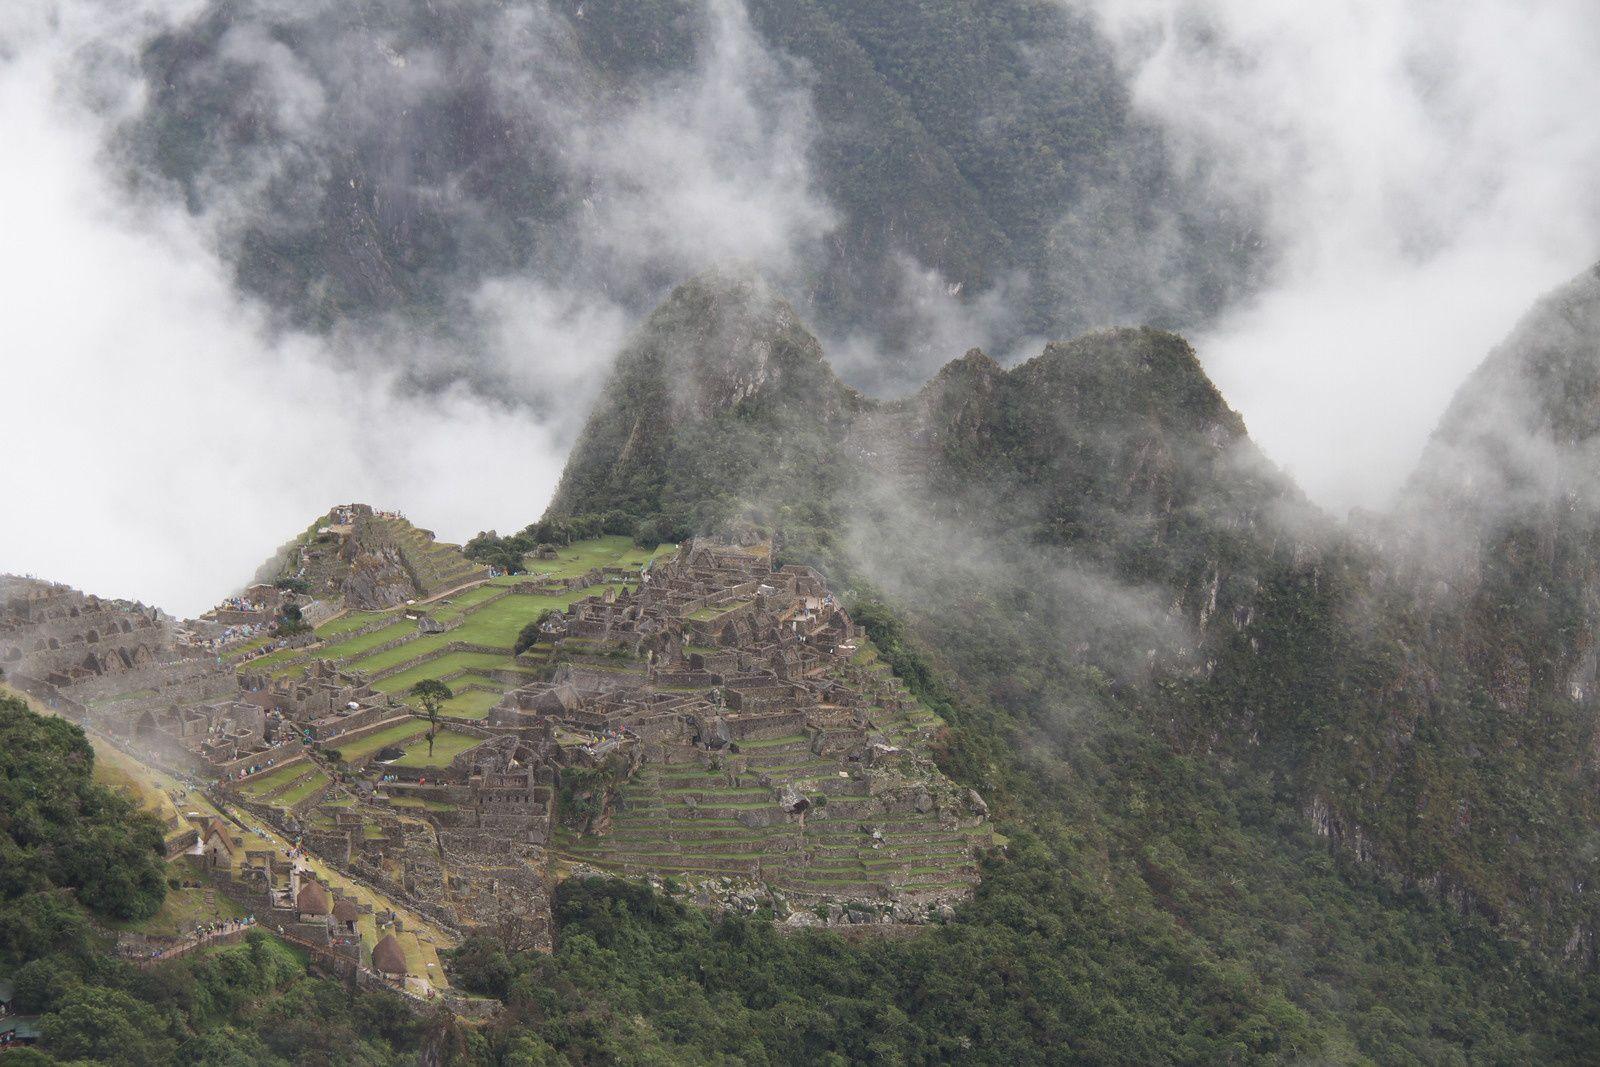 Le Machu Pichu, noyé dans la brume, et entouré de montagnes